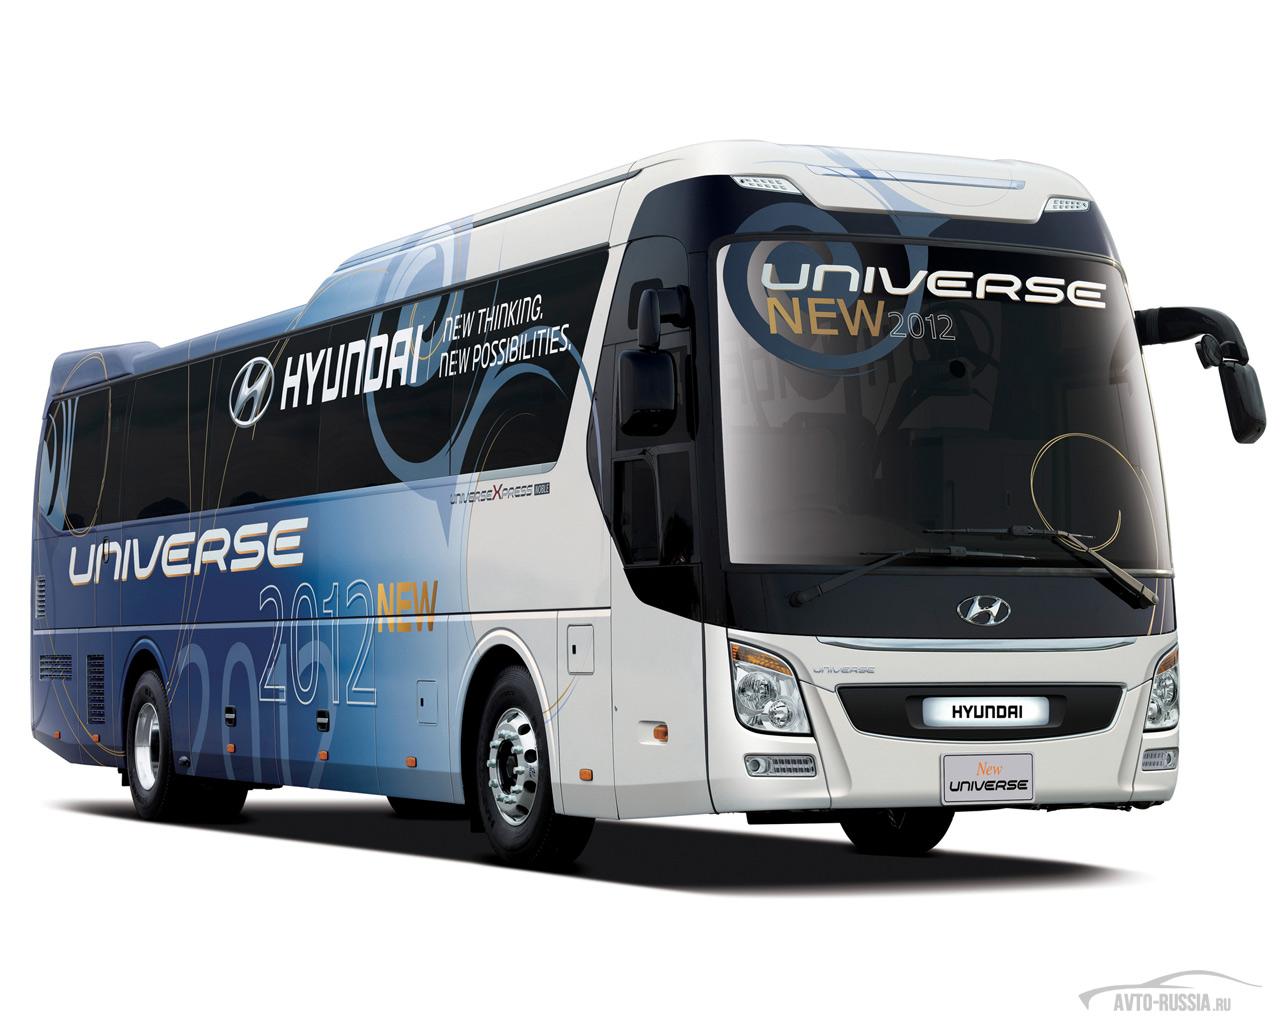 дооборудование автобуса на hyundai universe